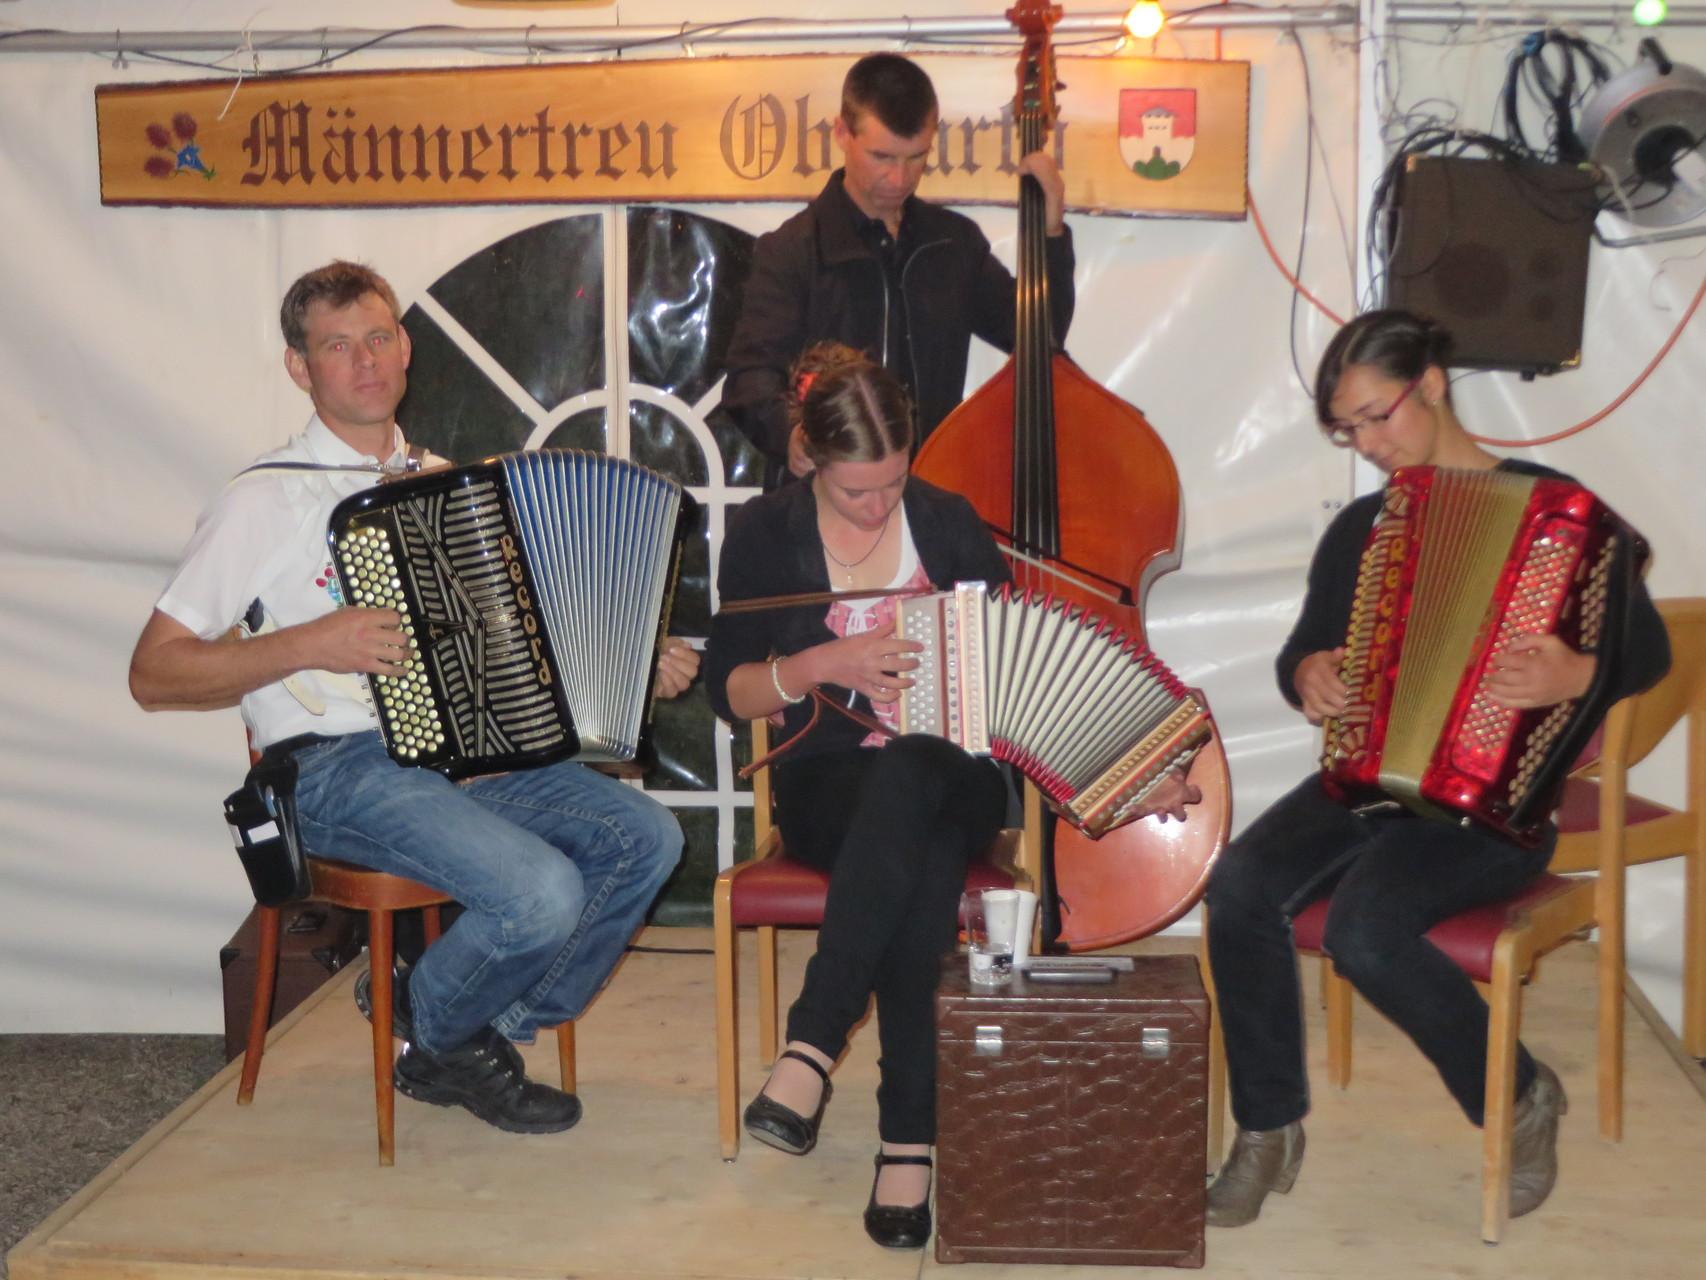 Auch die Jungmusikanten (mit Verstärkung) erhalten eine Chance sich zu präsentieren.